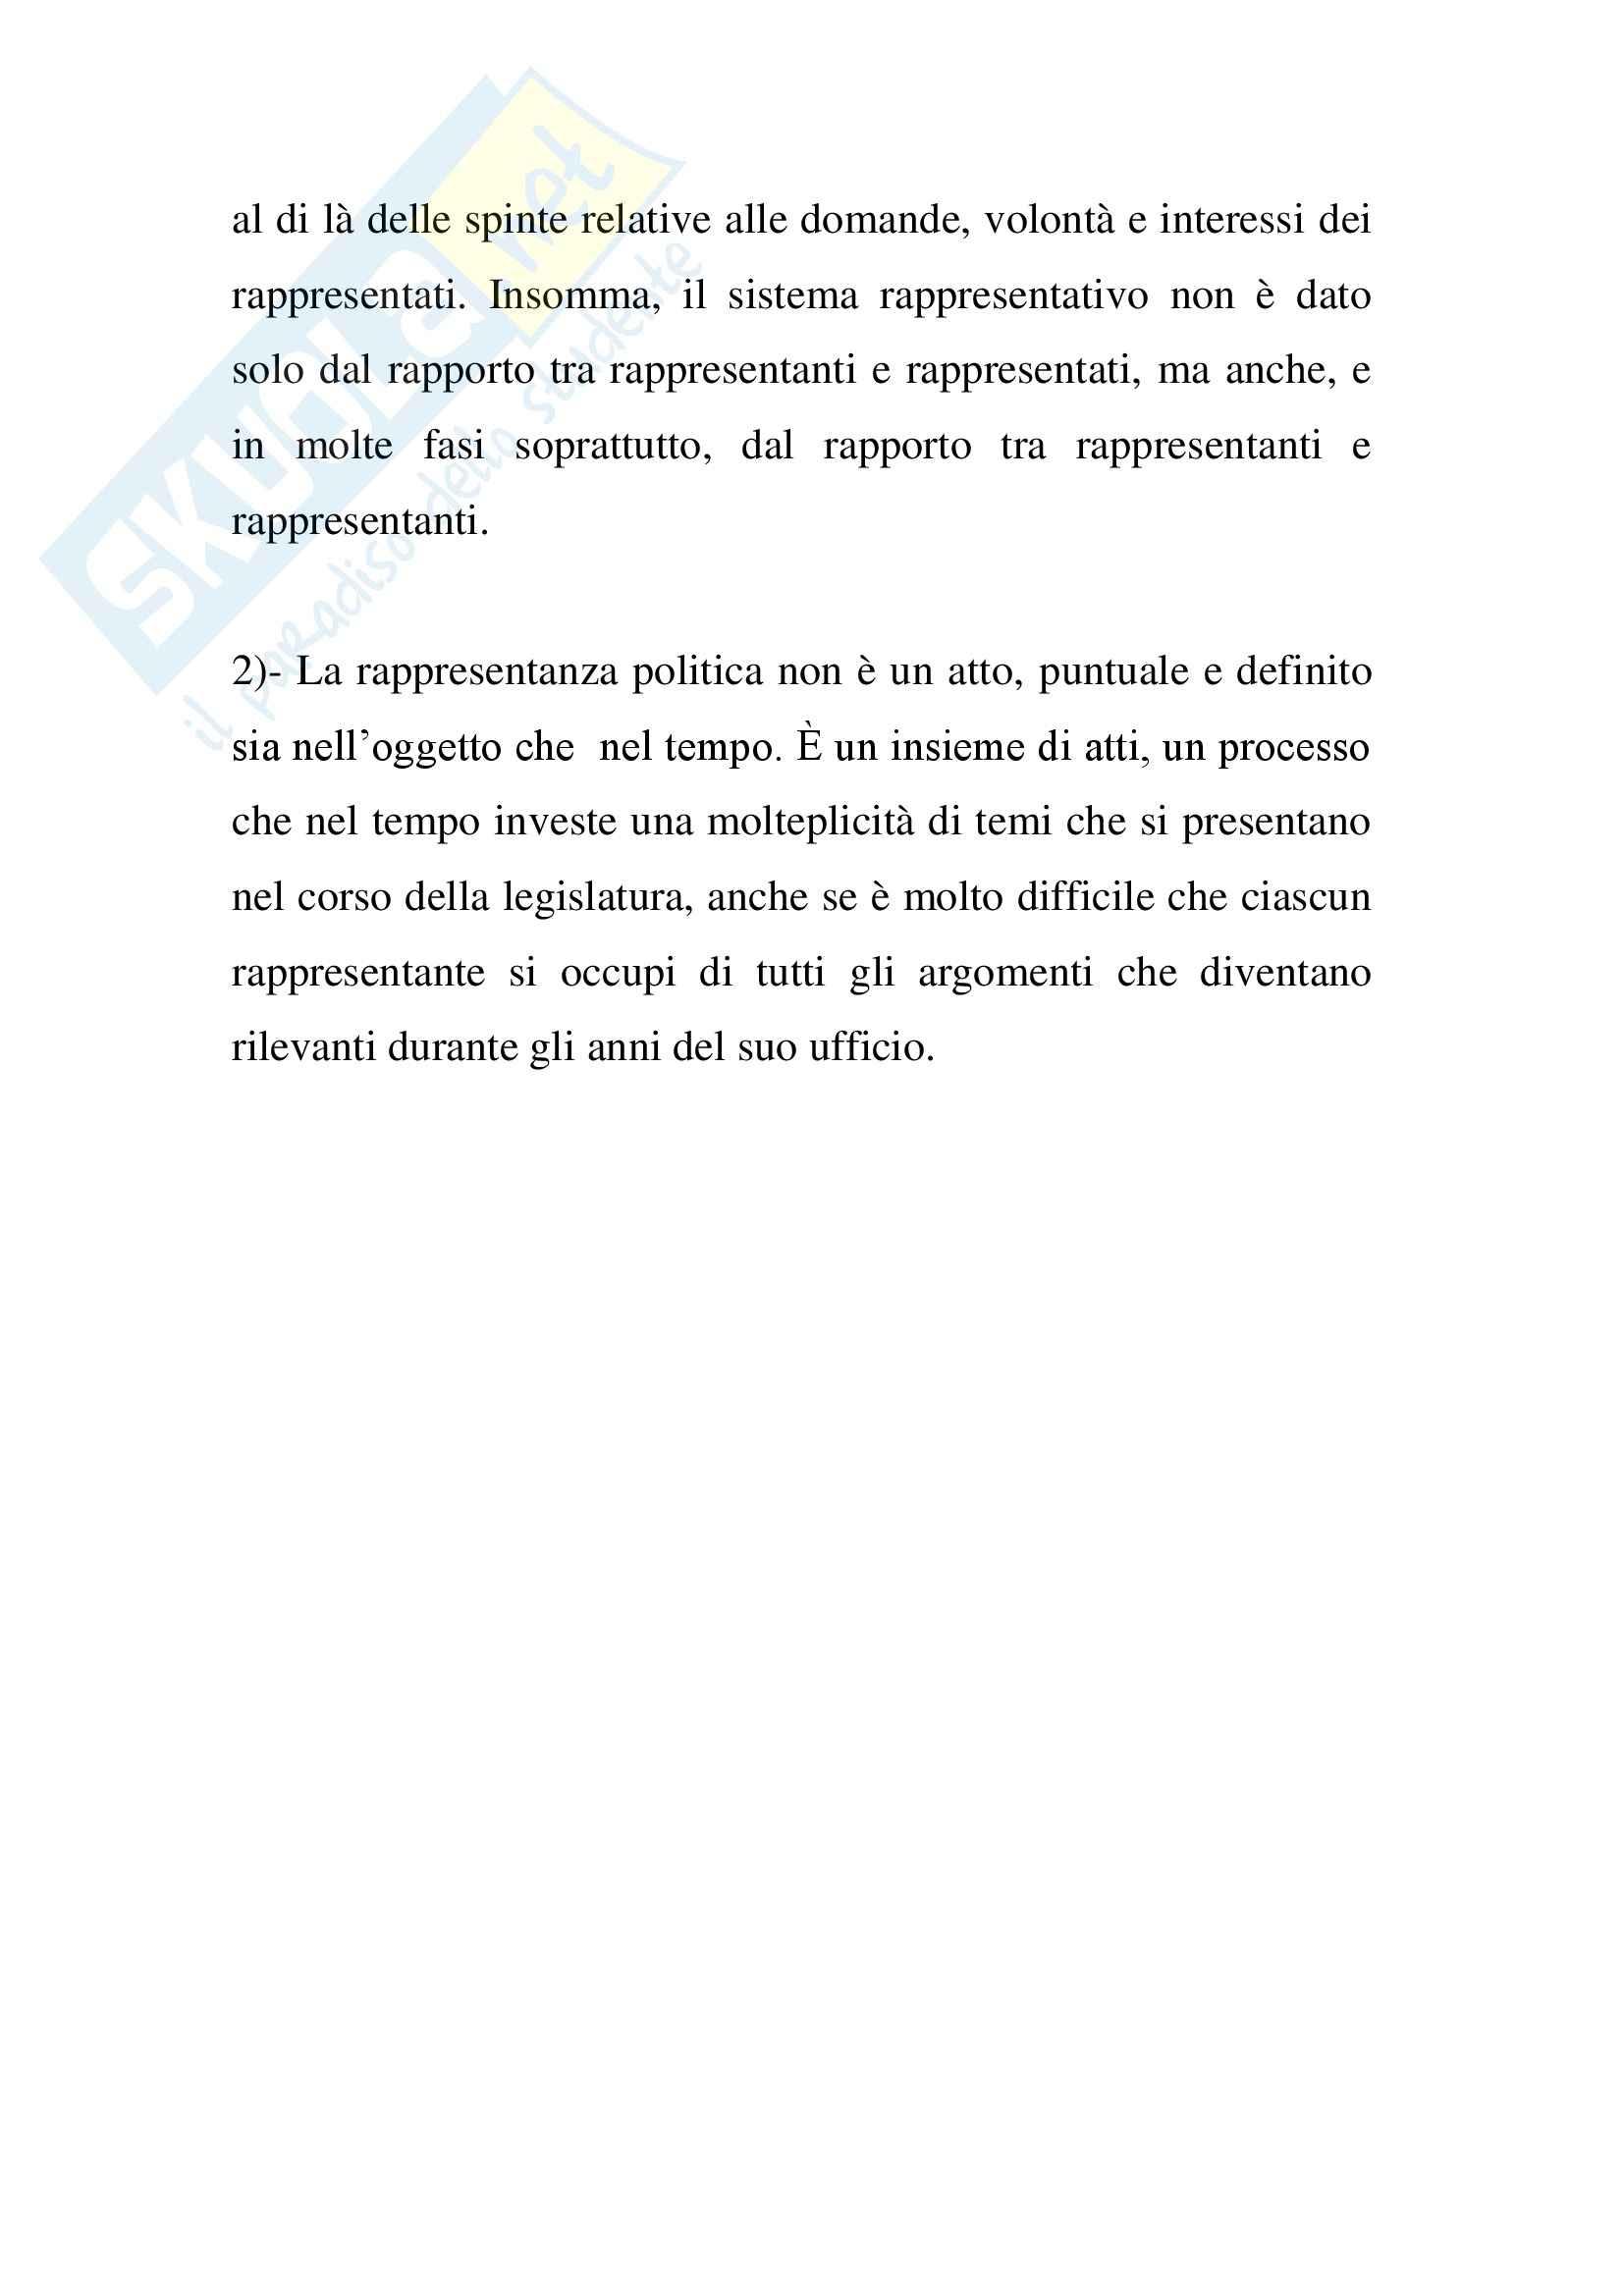 Riassunto esame Scienza Politica, prof. Feola, libro consigliato Lineamenti di Scienza Politica, Fisichella Pag. 71